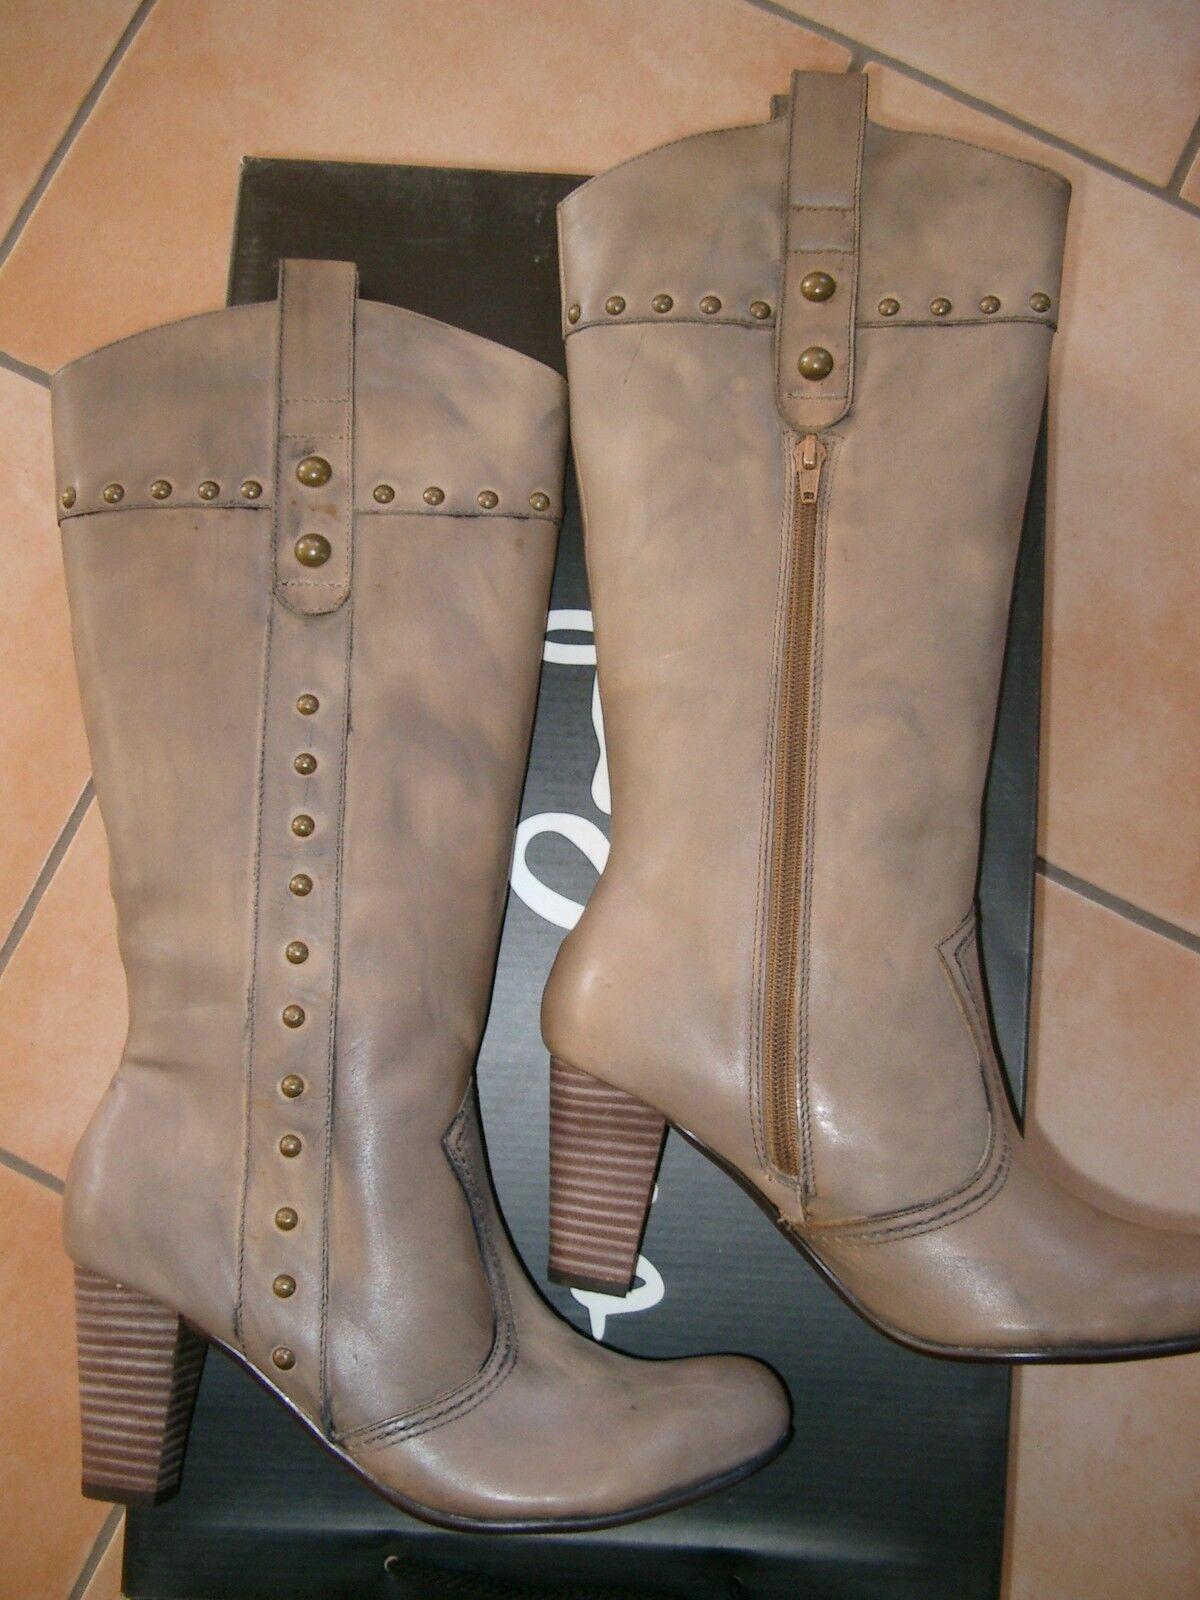 (z36) PEPE JEANS Chaussures Femmes Bottes en cuir dans le style western avec rivets gr.38